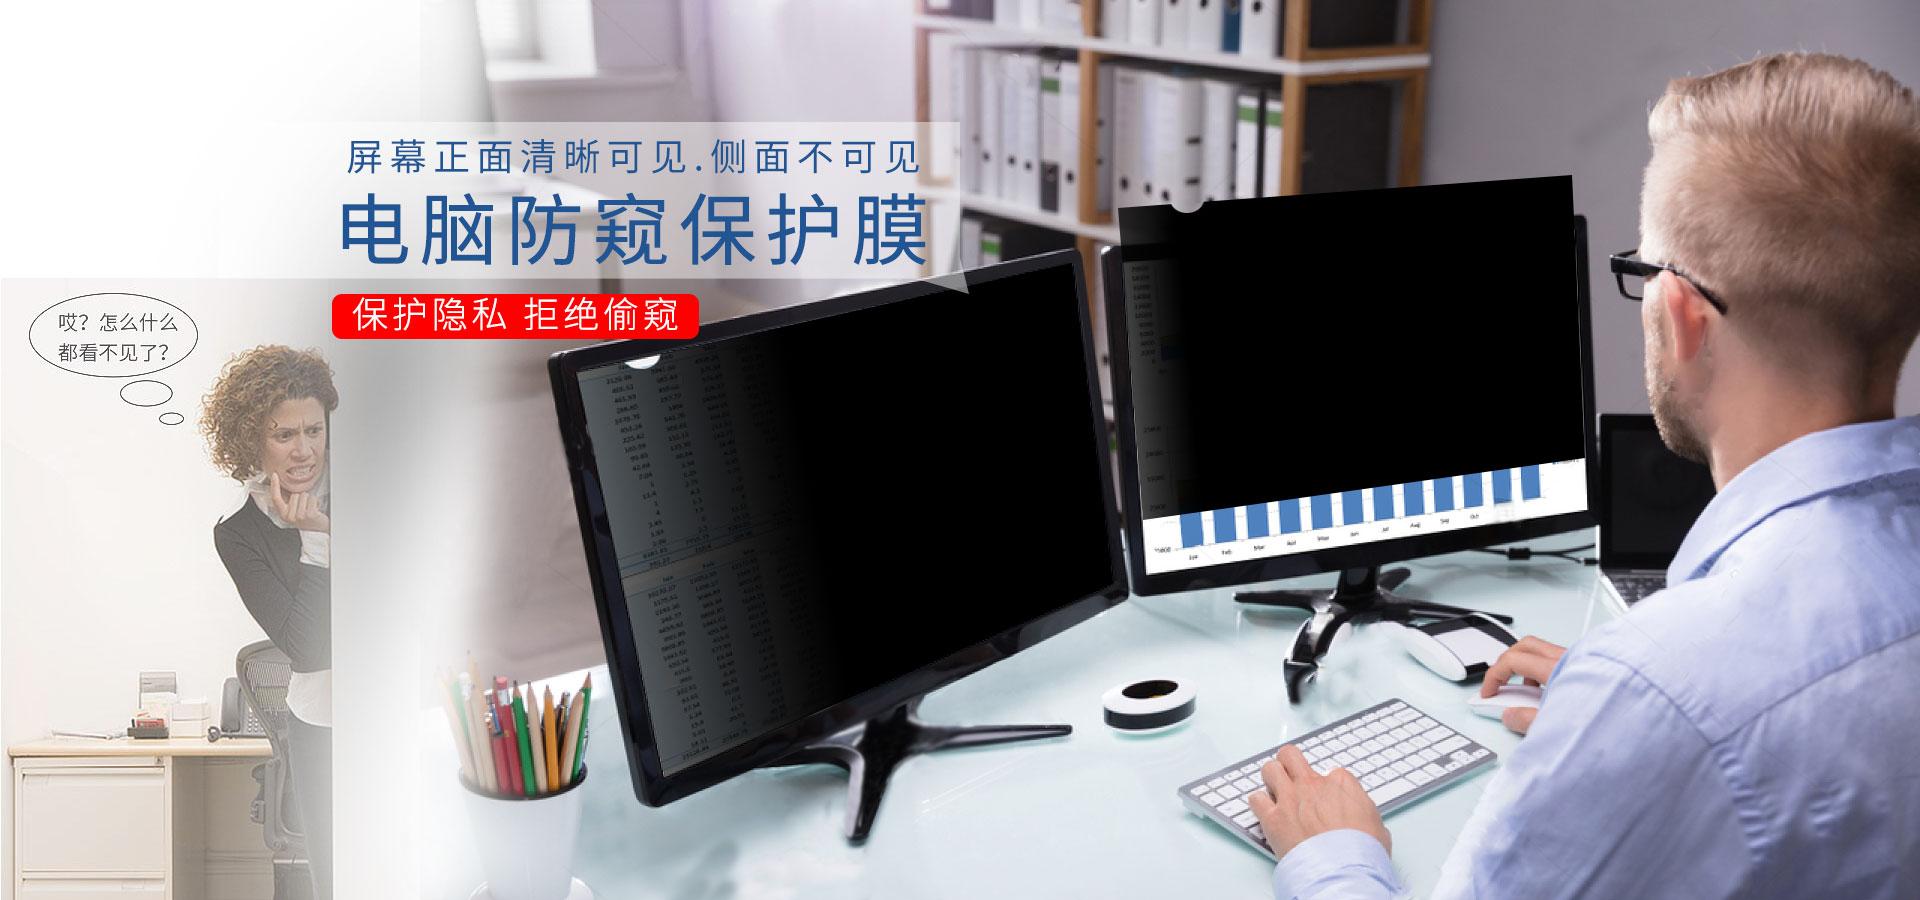 深圳市新一派电子有限公司成立于2013年,是一家专注于防窥膜和防蓝光膜产品研究、开发、生产及销售的高科技企业